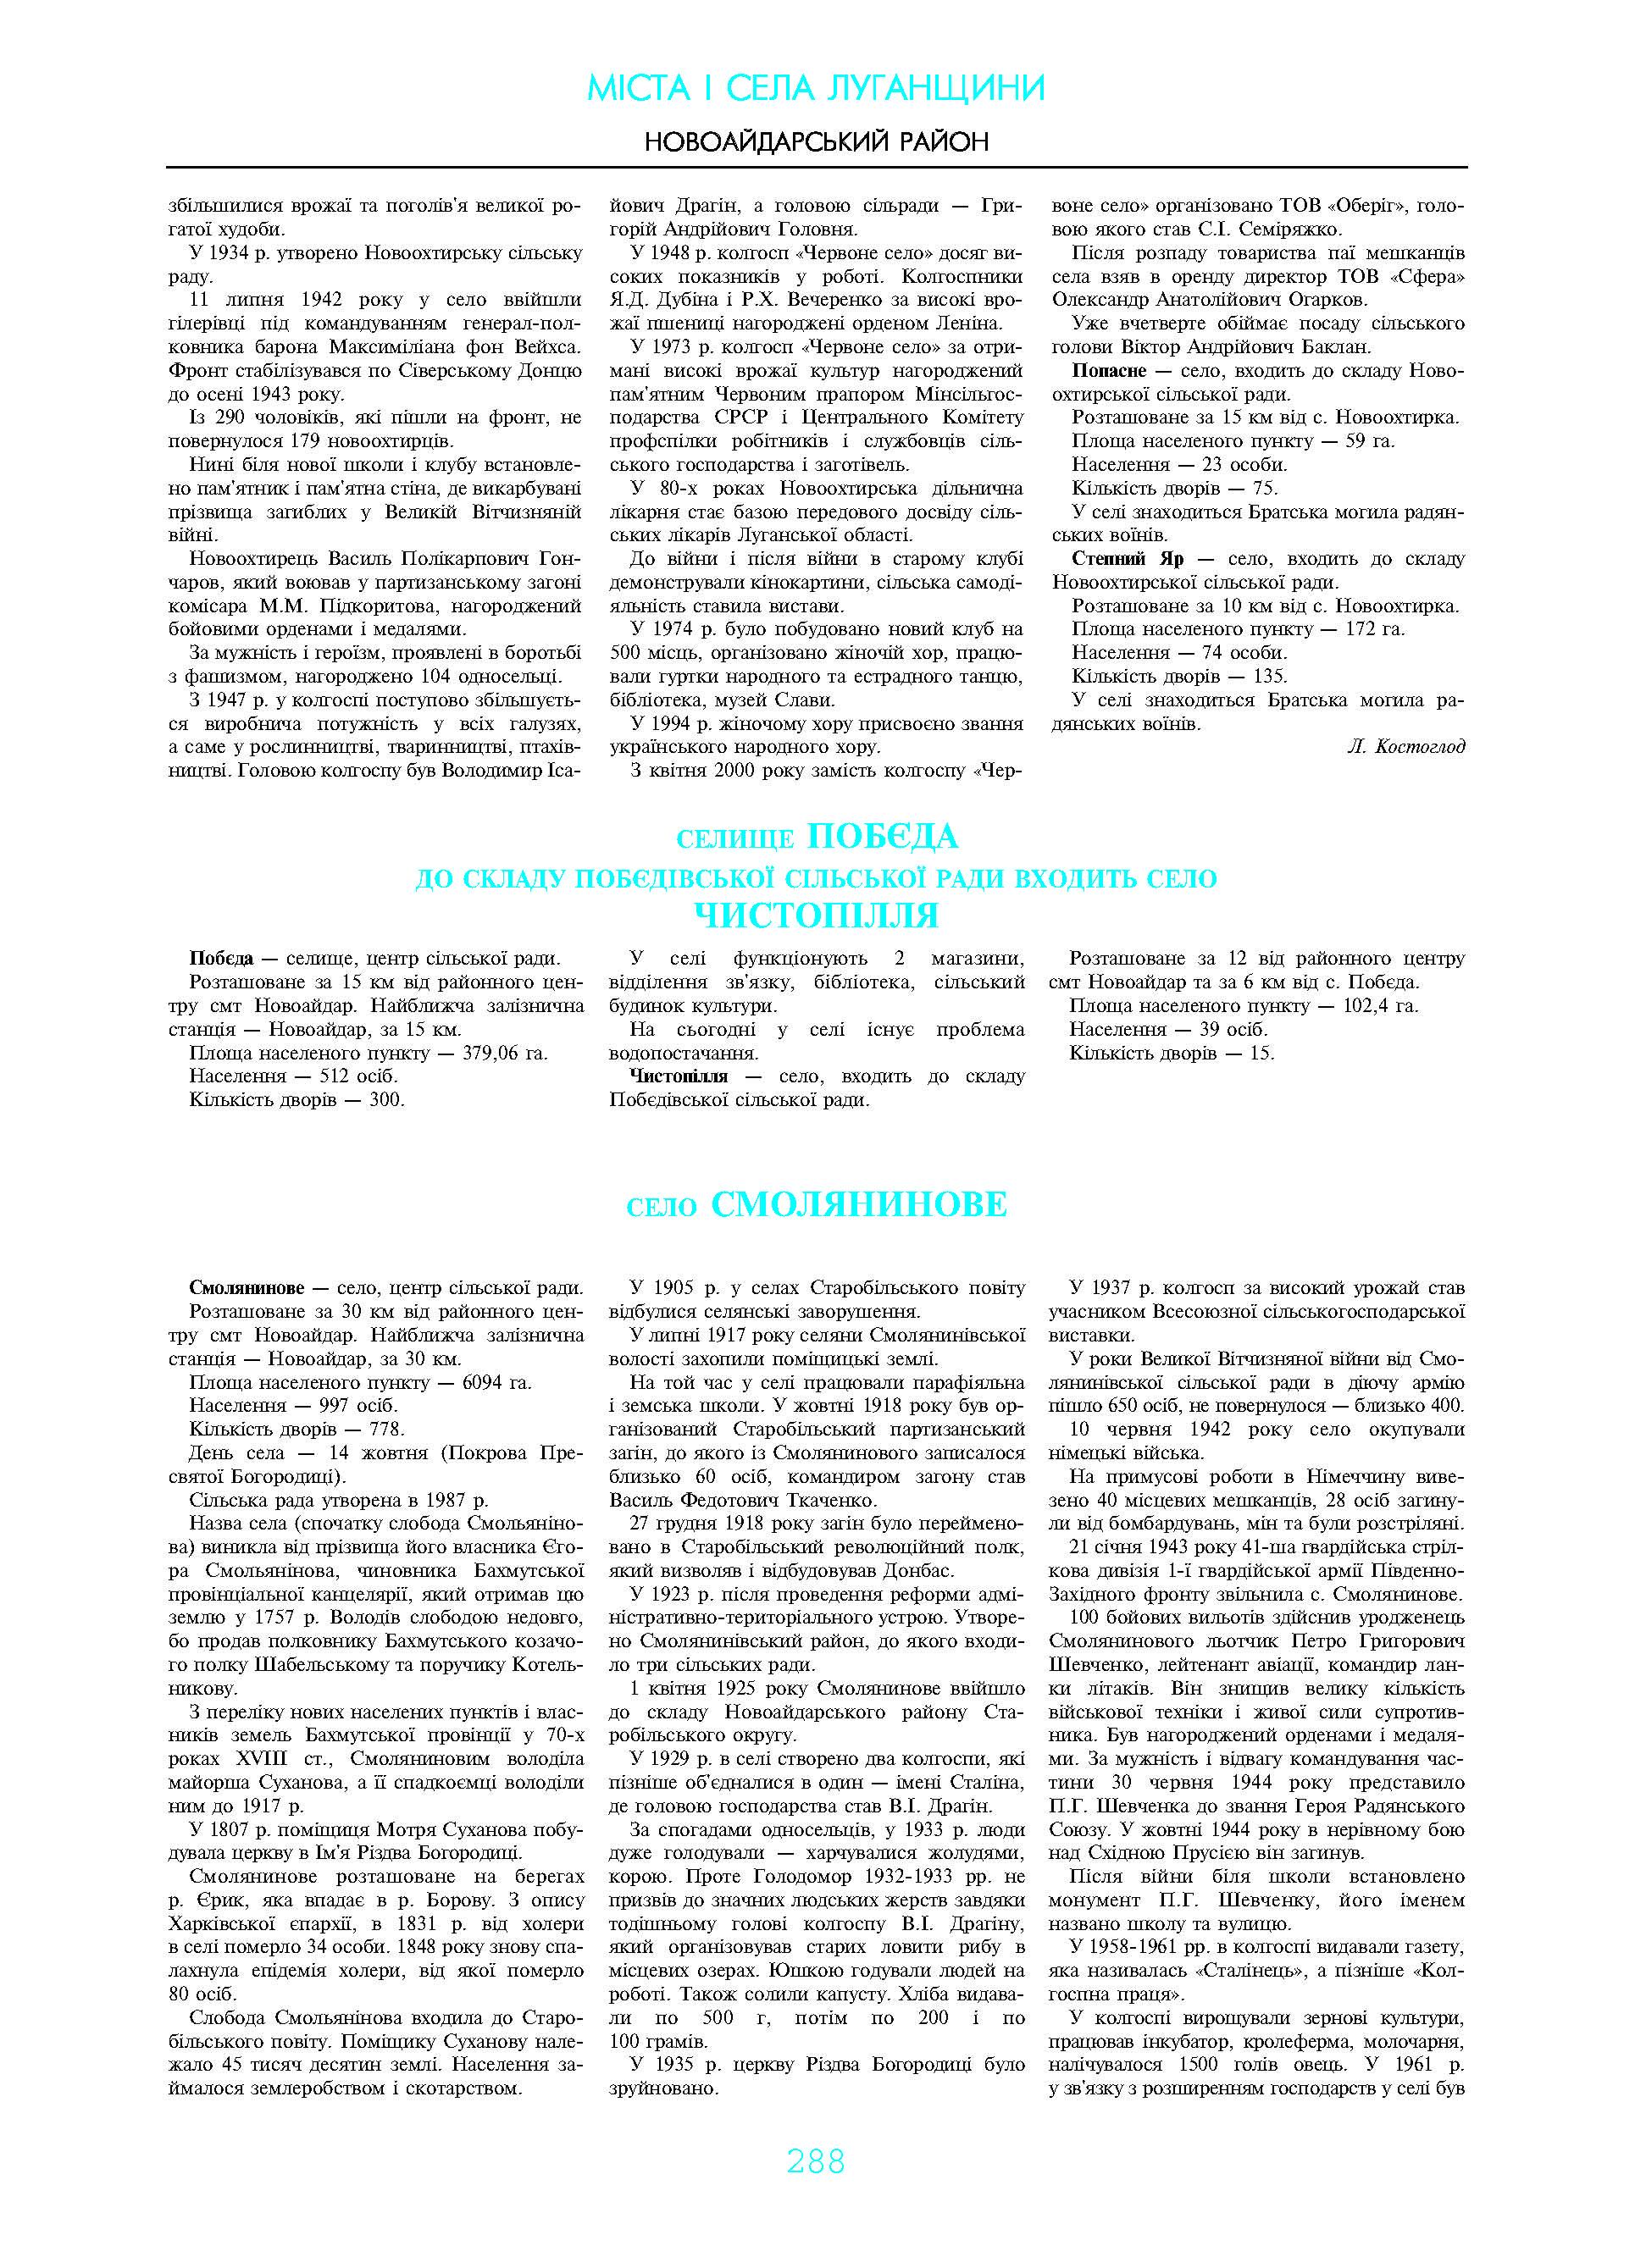 Село Муратове. Село Олексіївка. Село Новоохтирка. Селище Побєда. Село Смолянинове. Село Співаківка